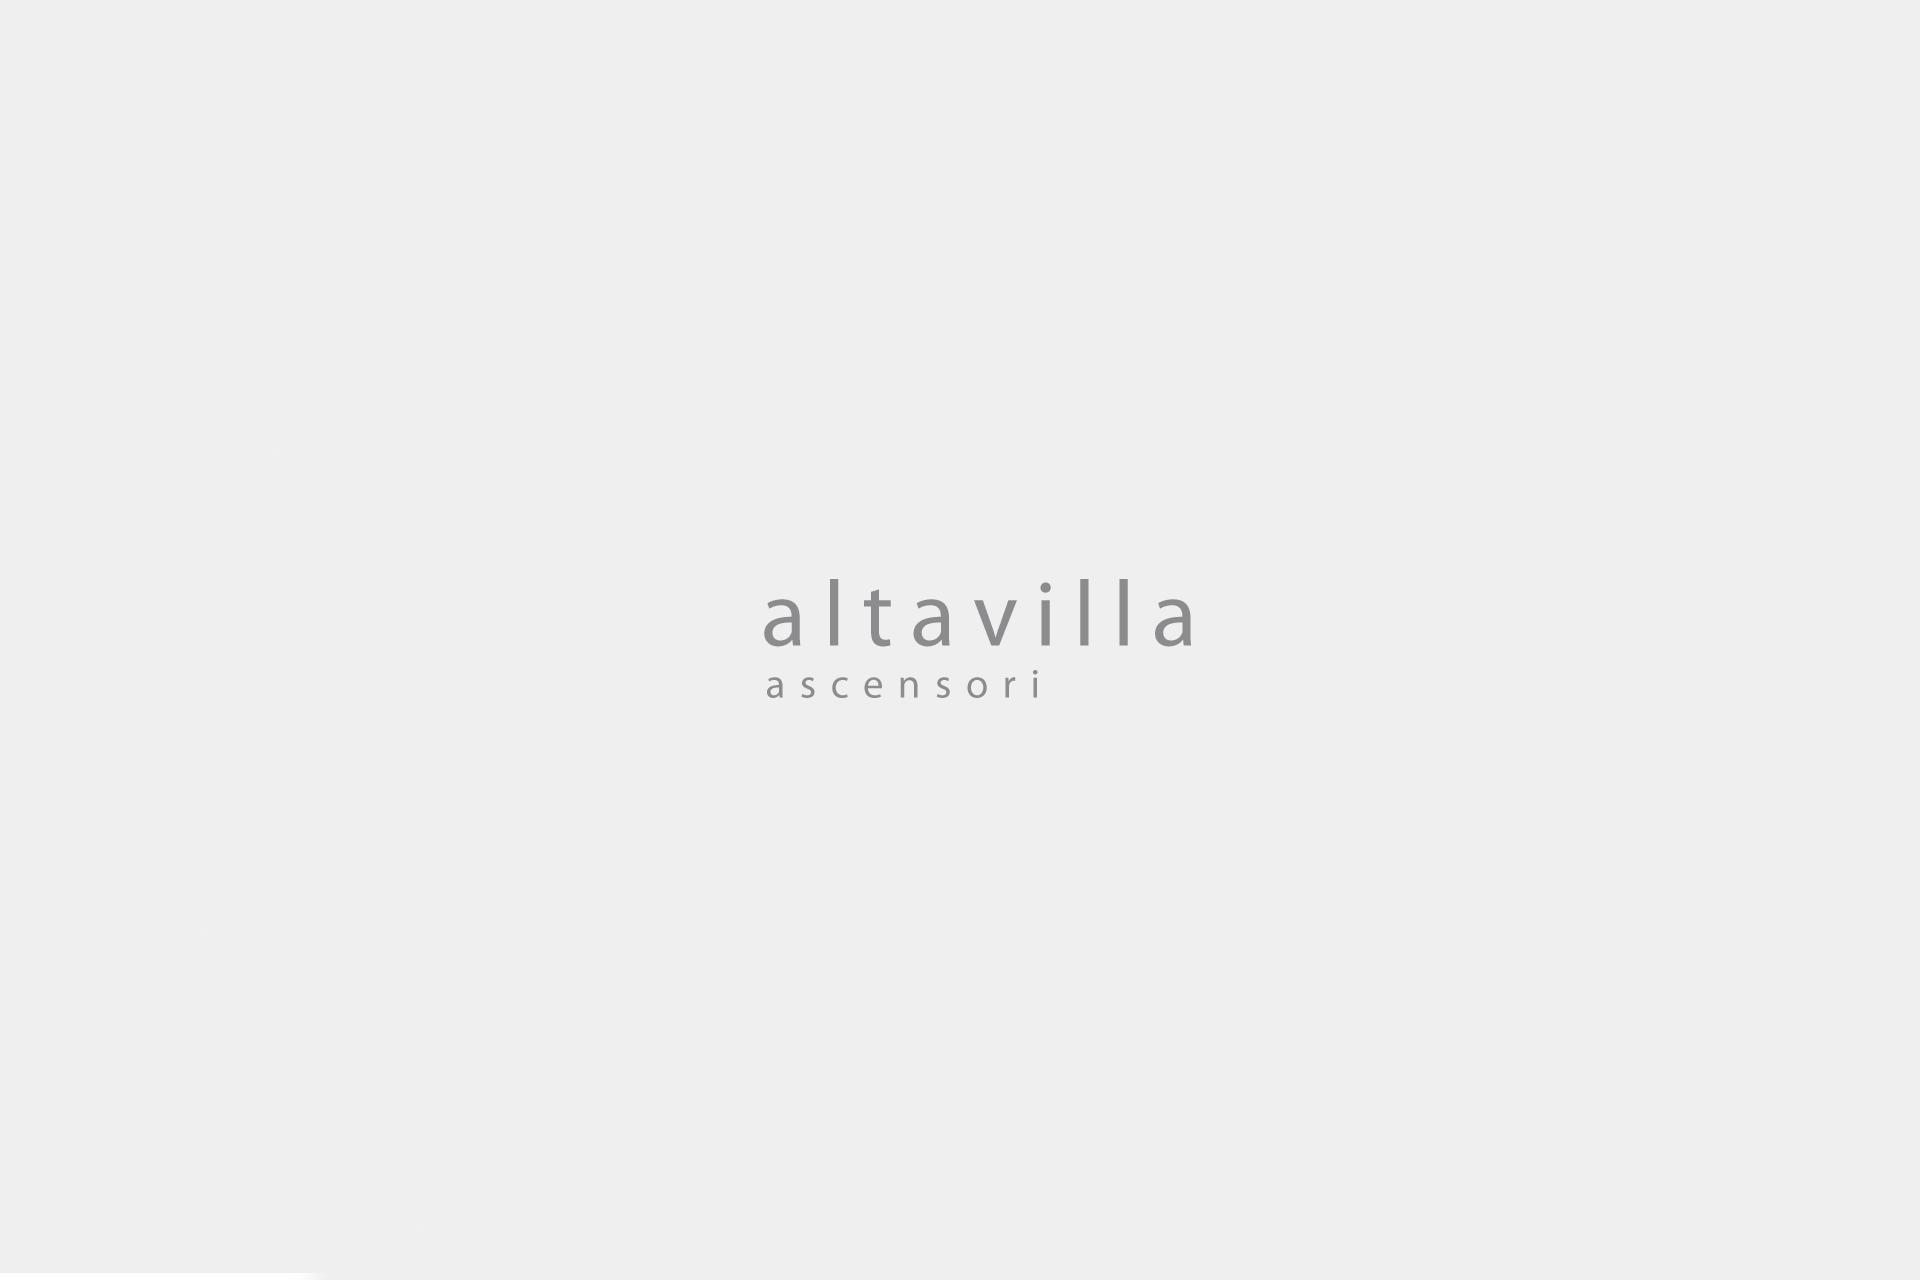 Altavilla_logo